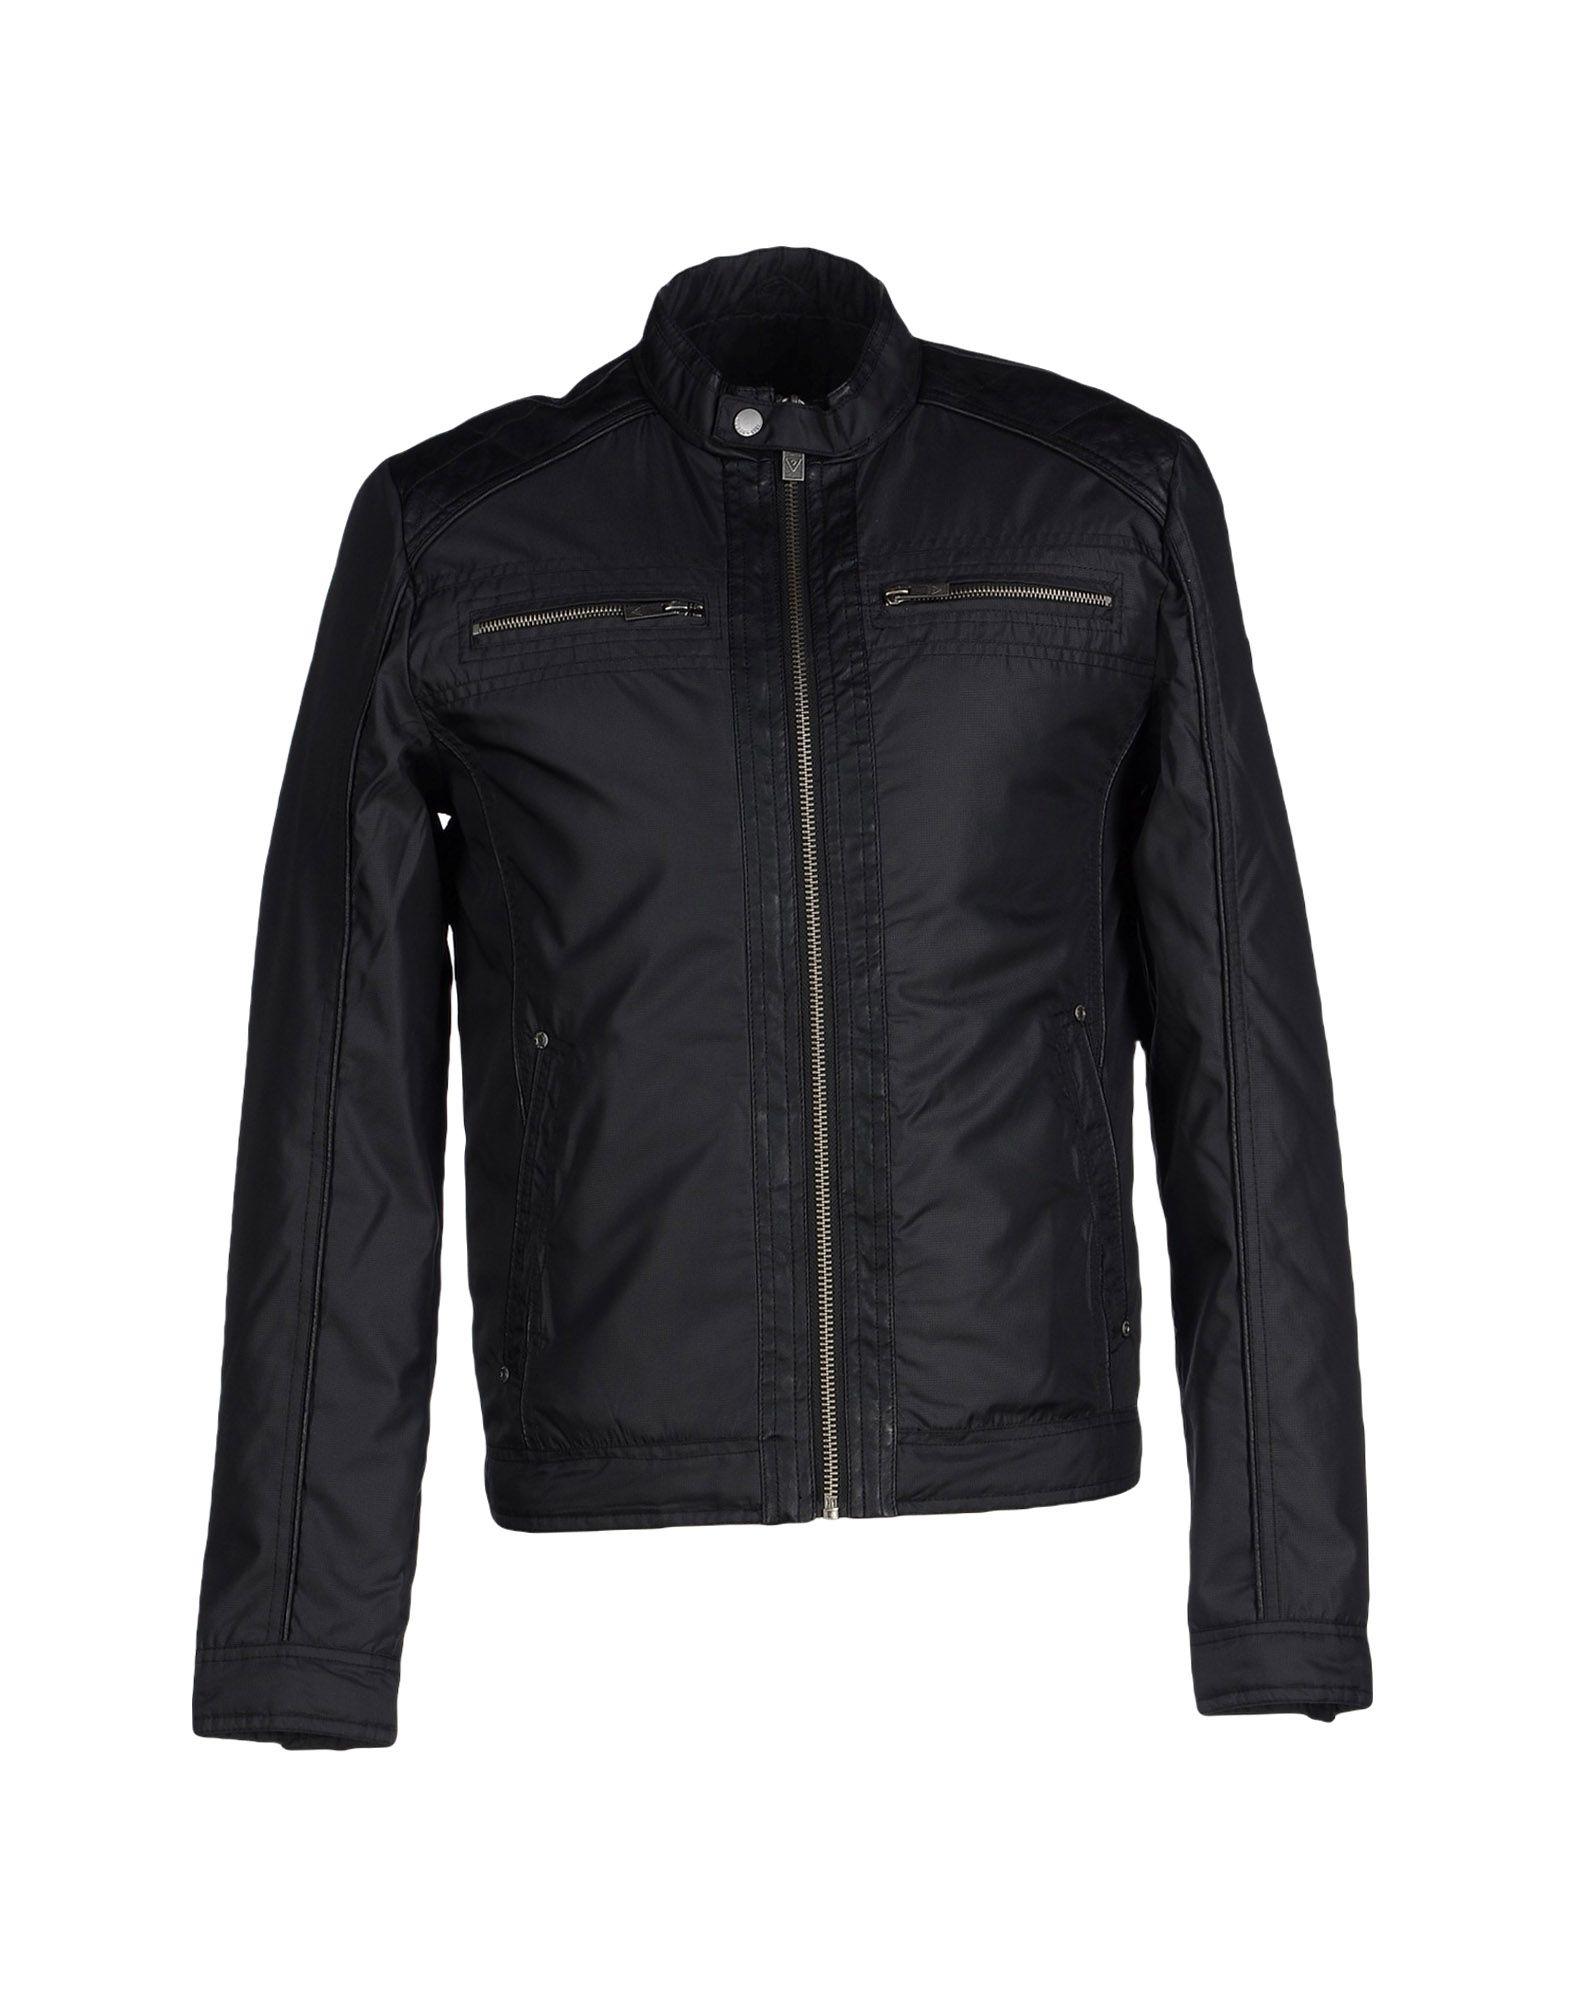 Guess Jacket in Black for Men